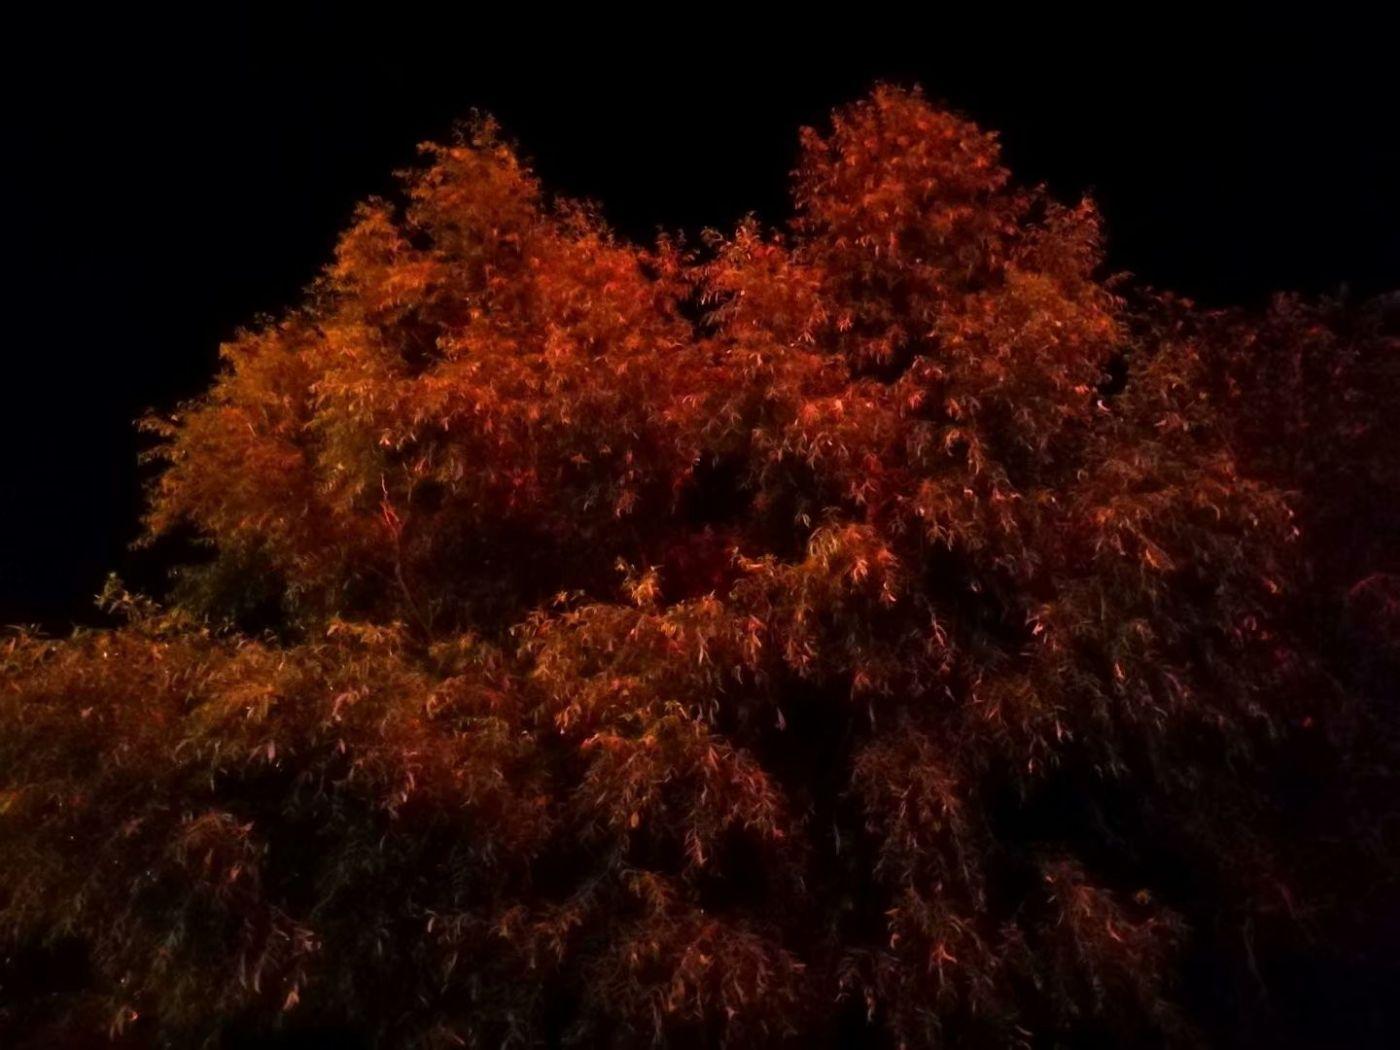 秋夜望秋(图)_图1-15